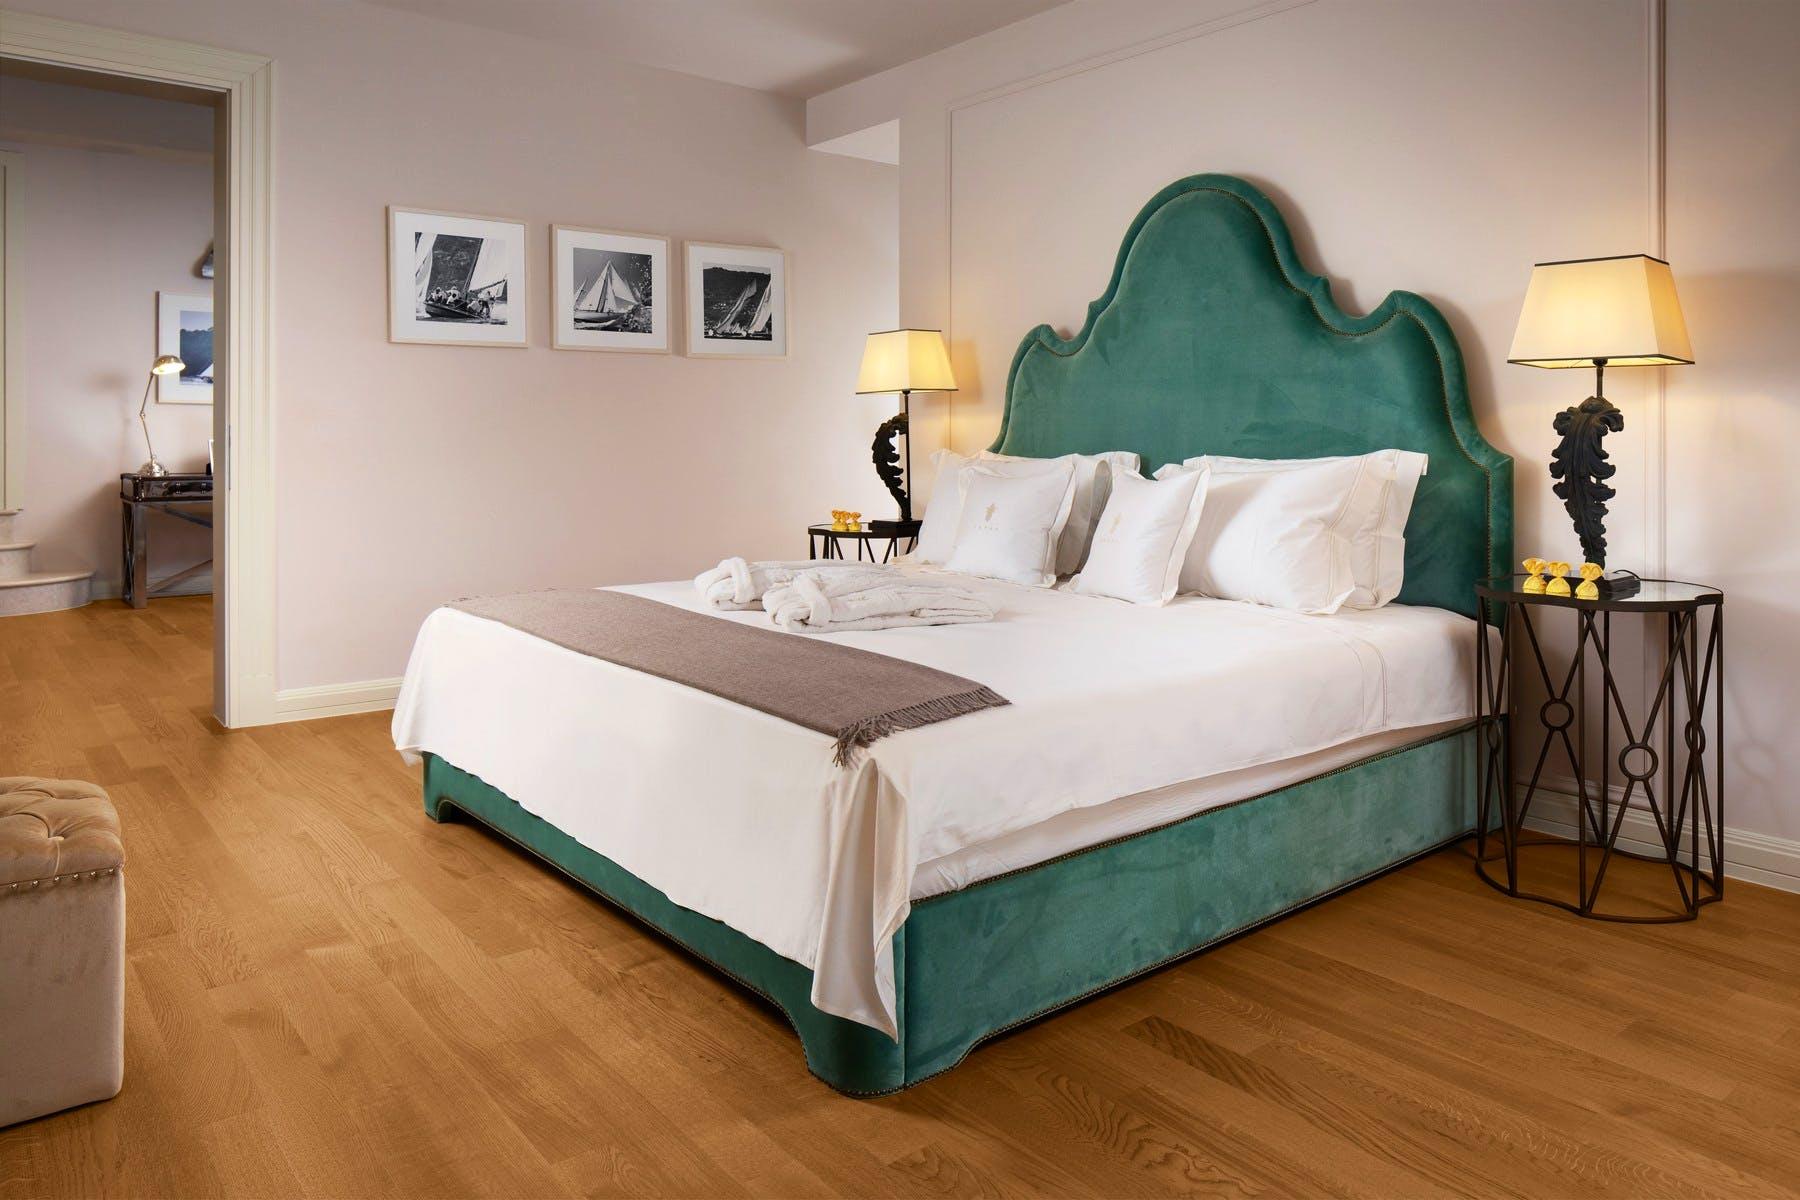 Modern double bedroom design